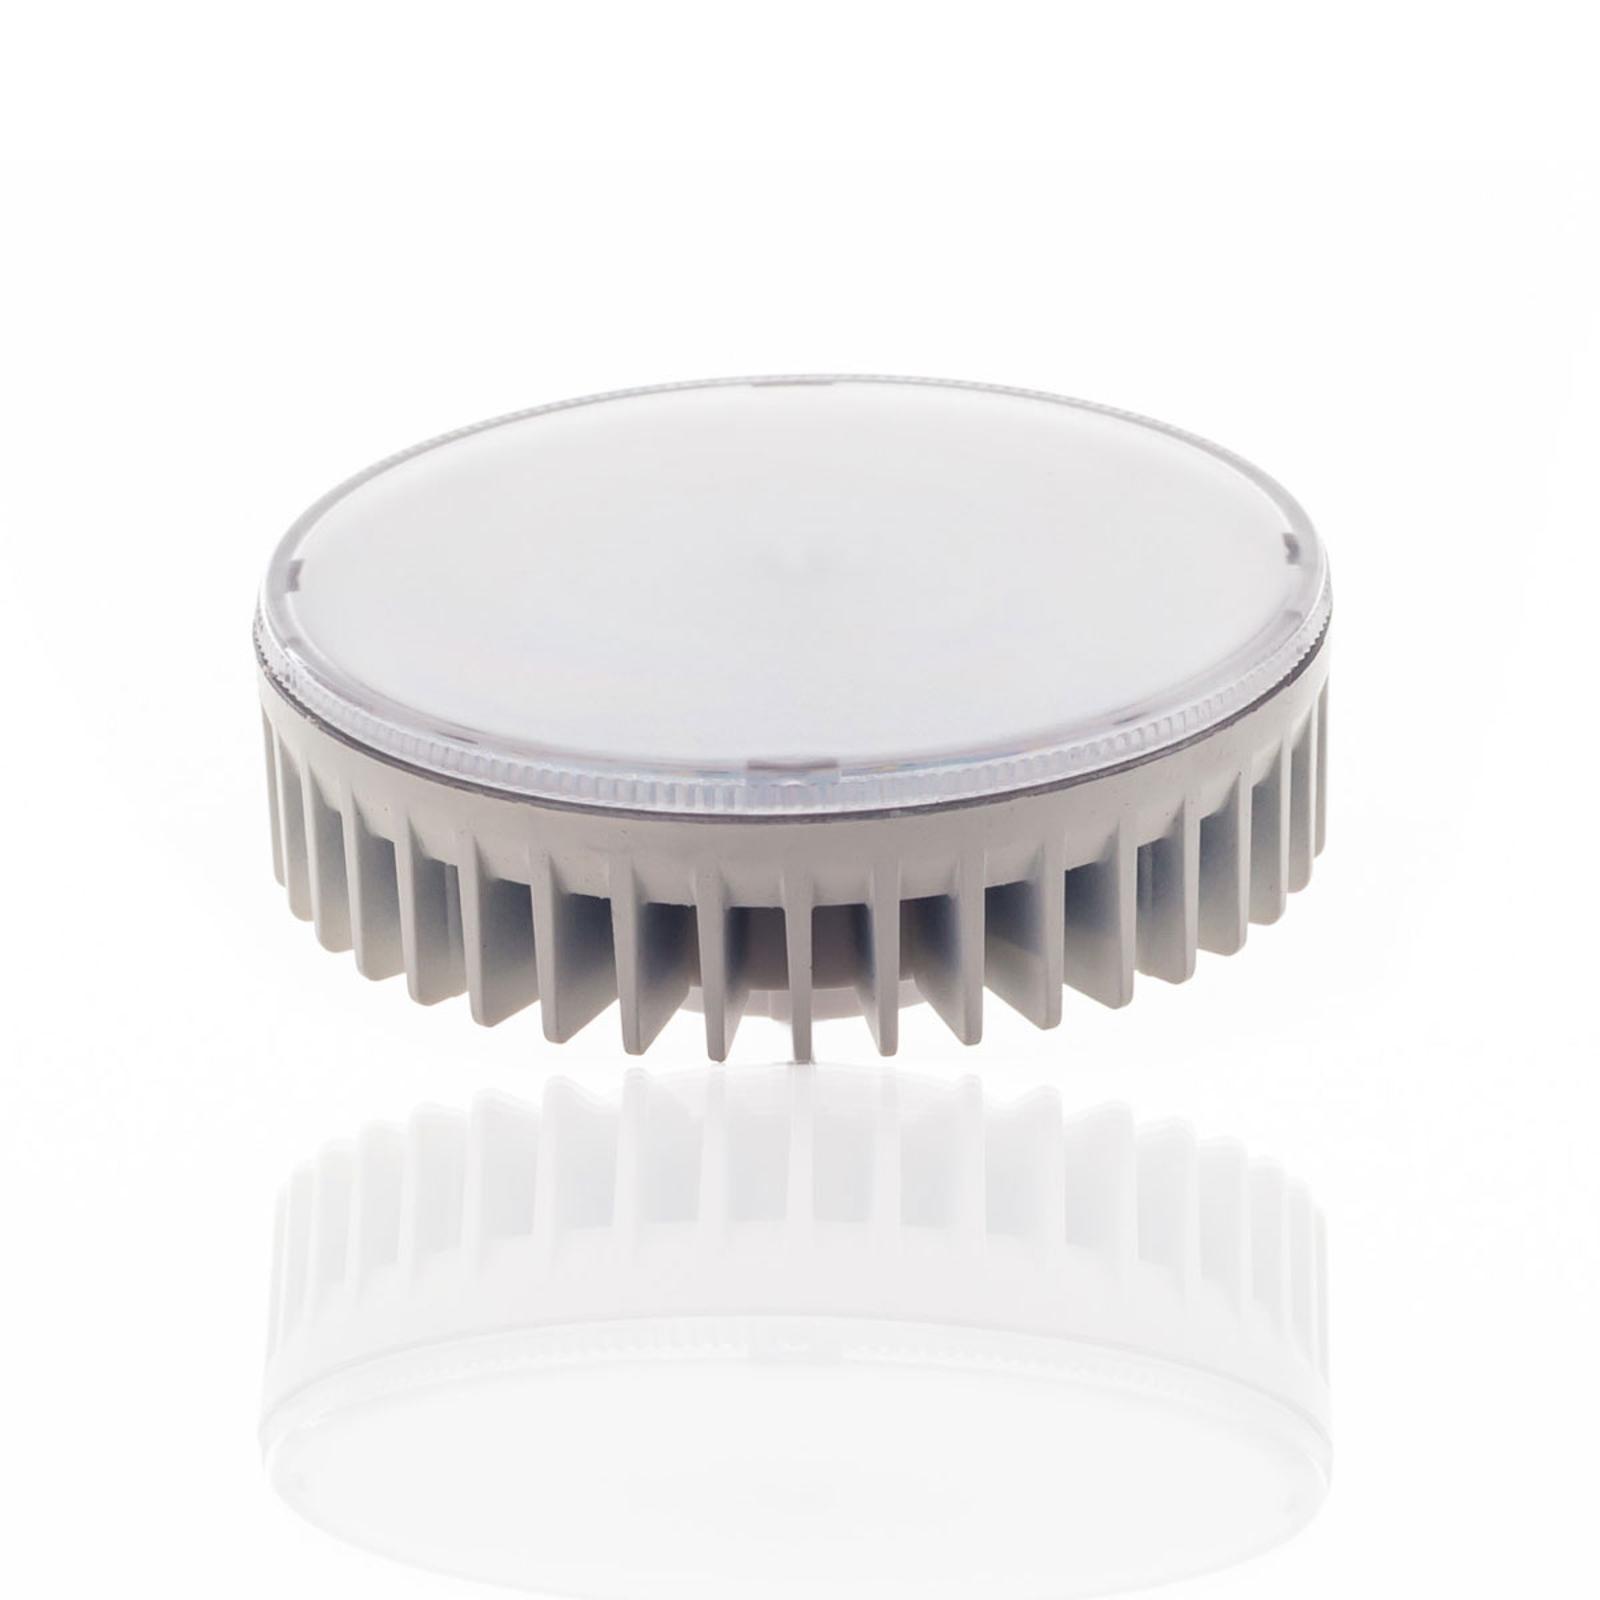 GX53 7W żarówka LED, 800lm, 3000/4000/6500K